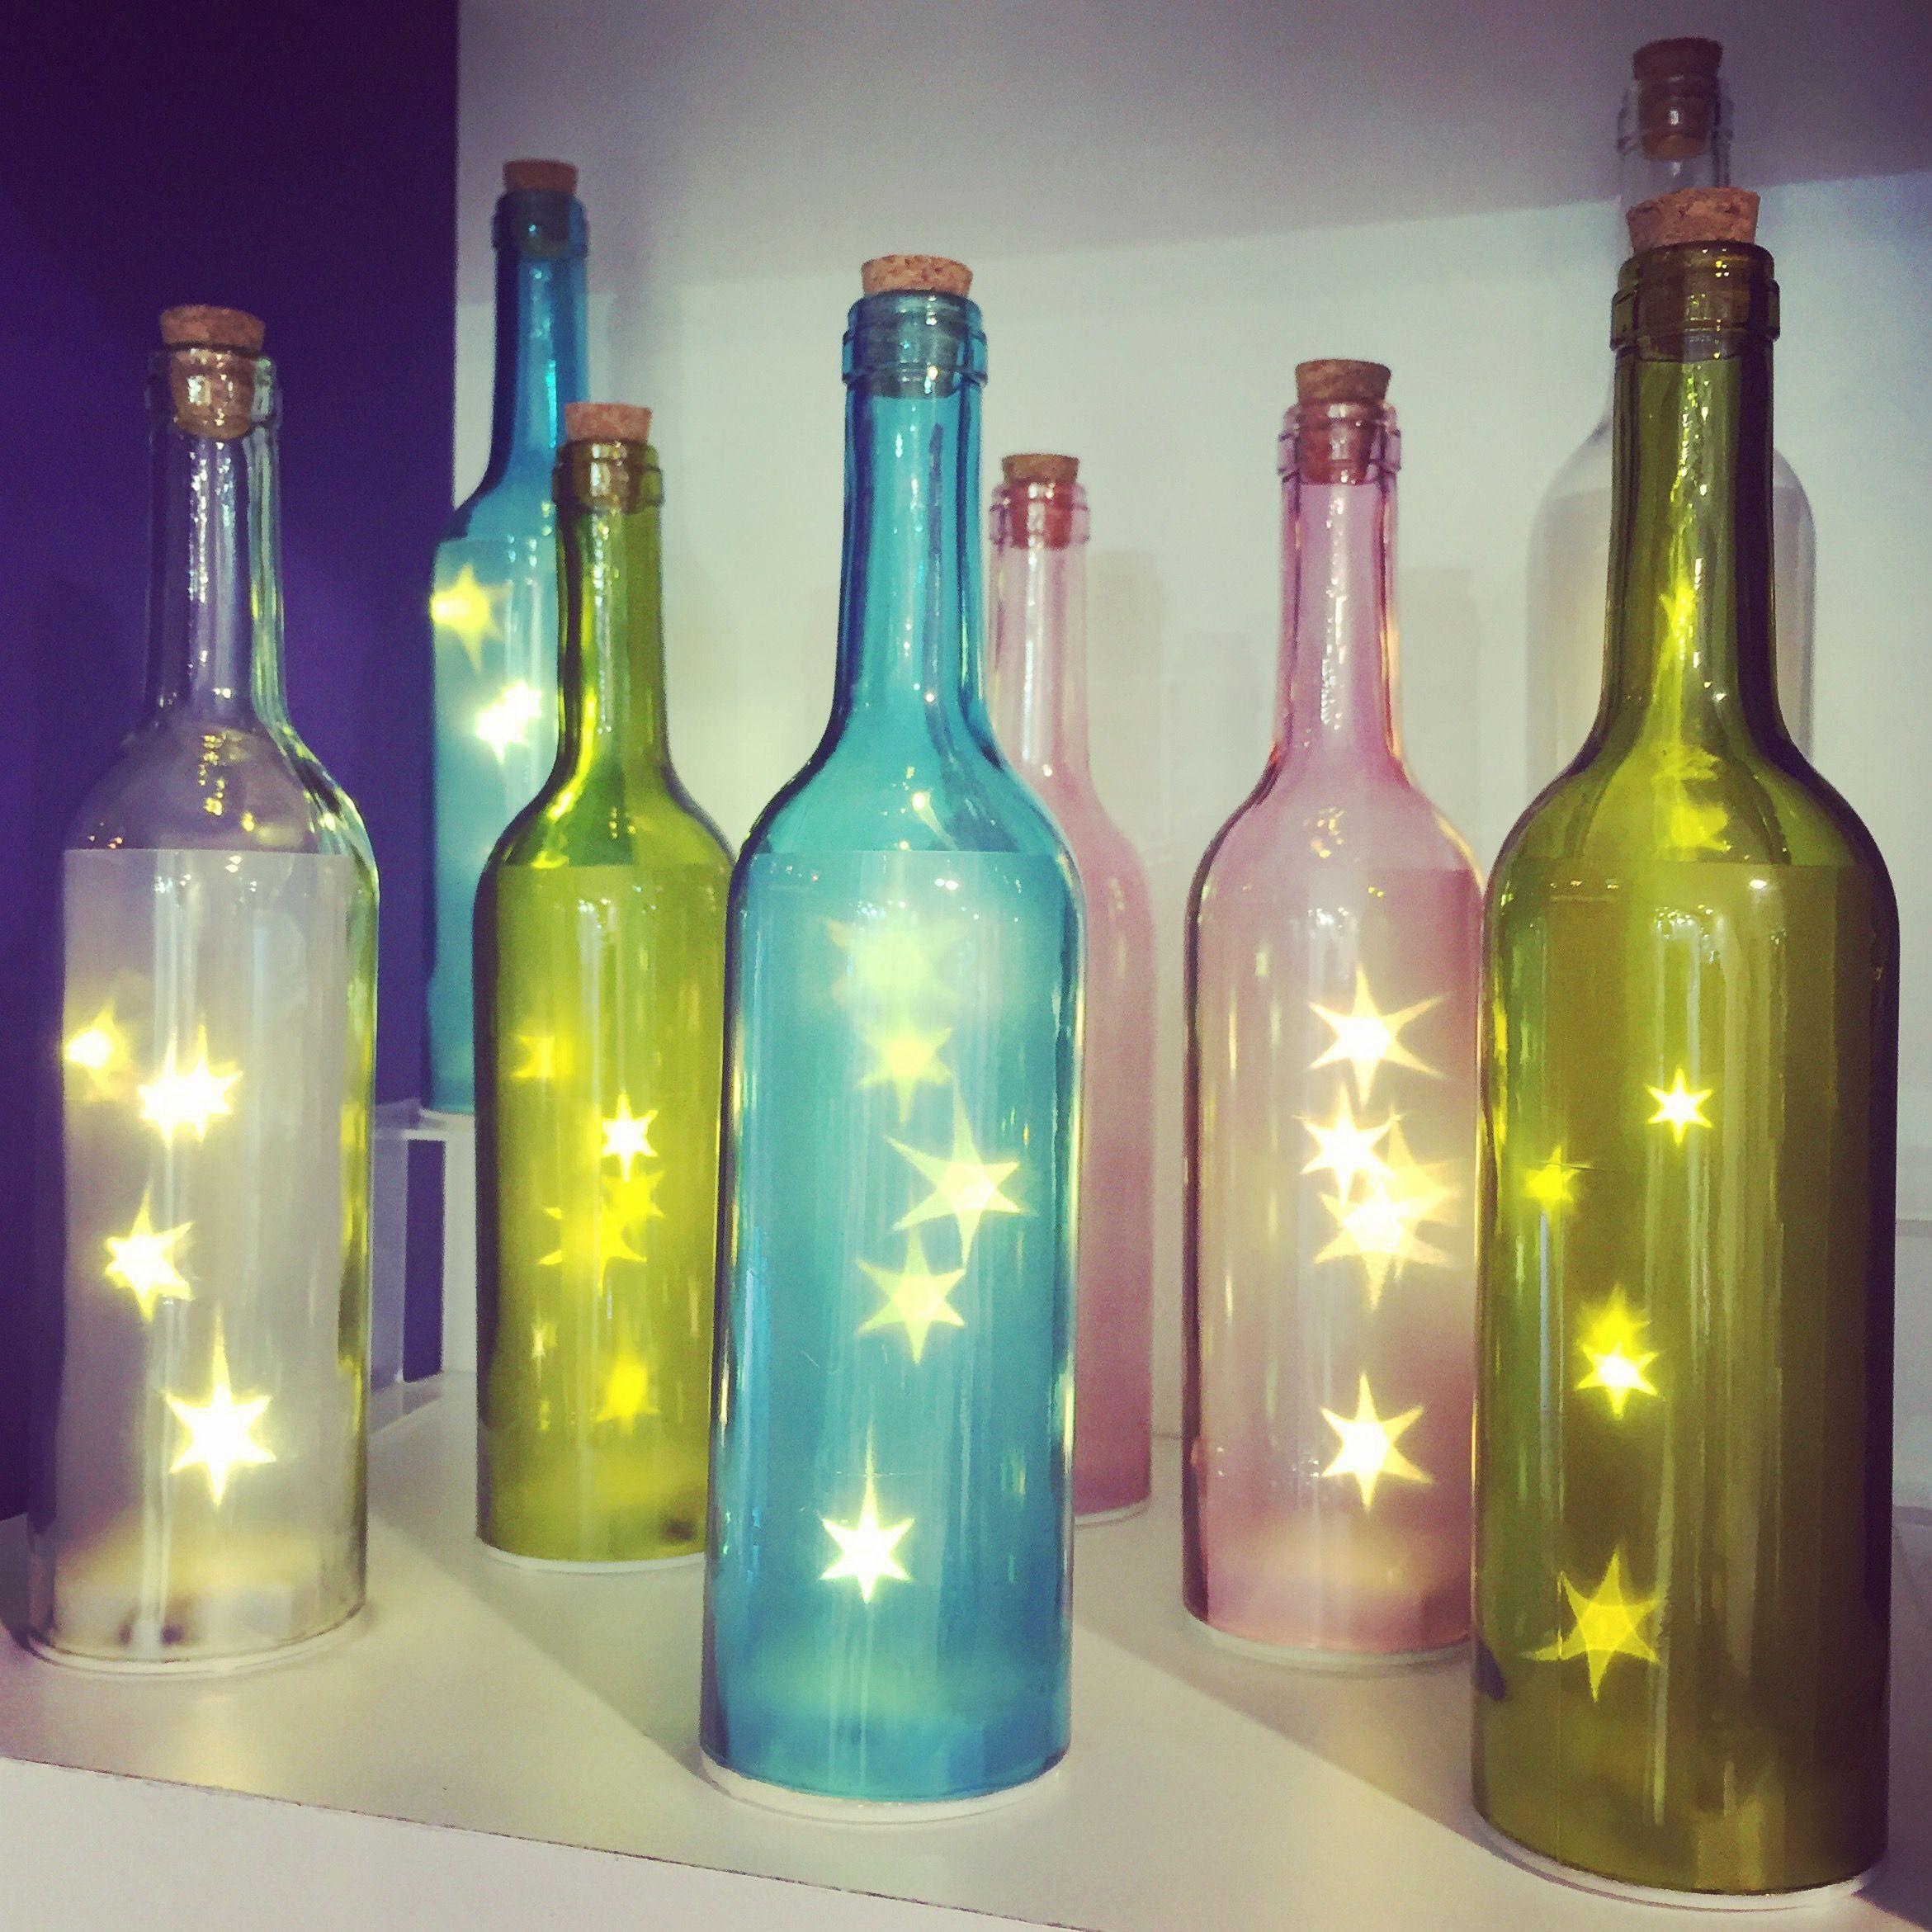 Krásné zátiší vytvořené barevnými láhvemi s LED osvětlením ...